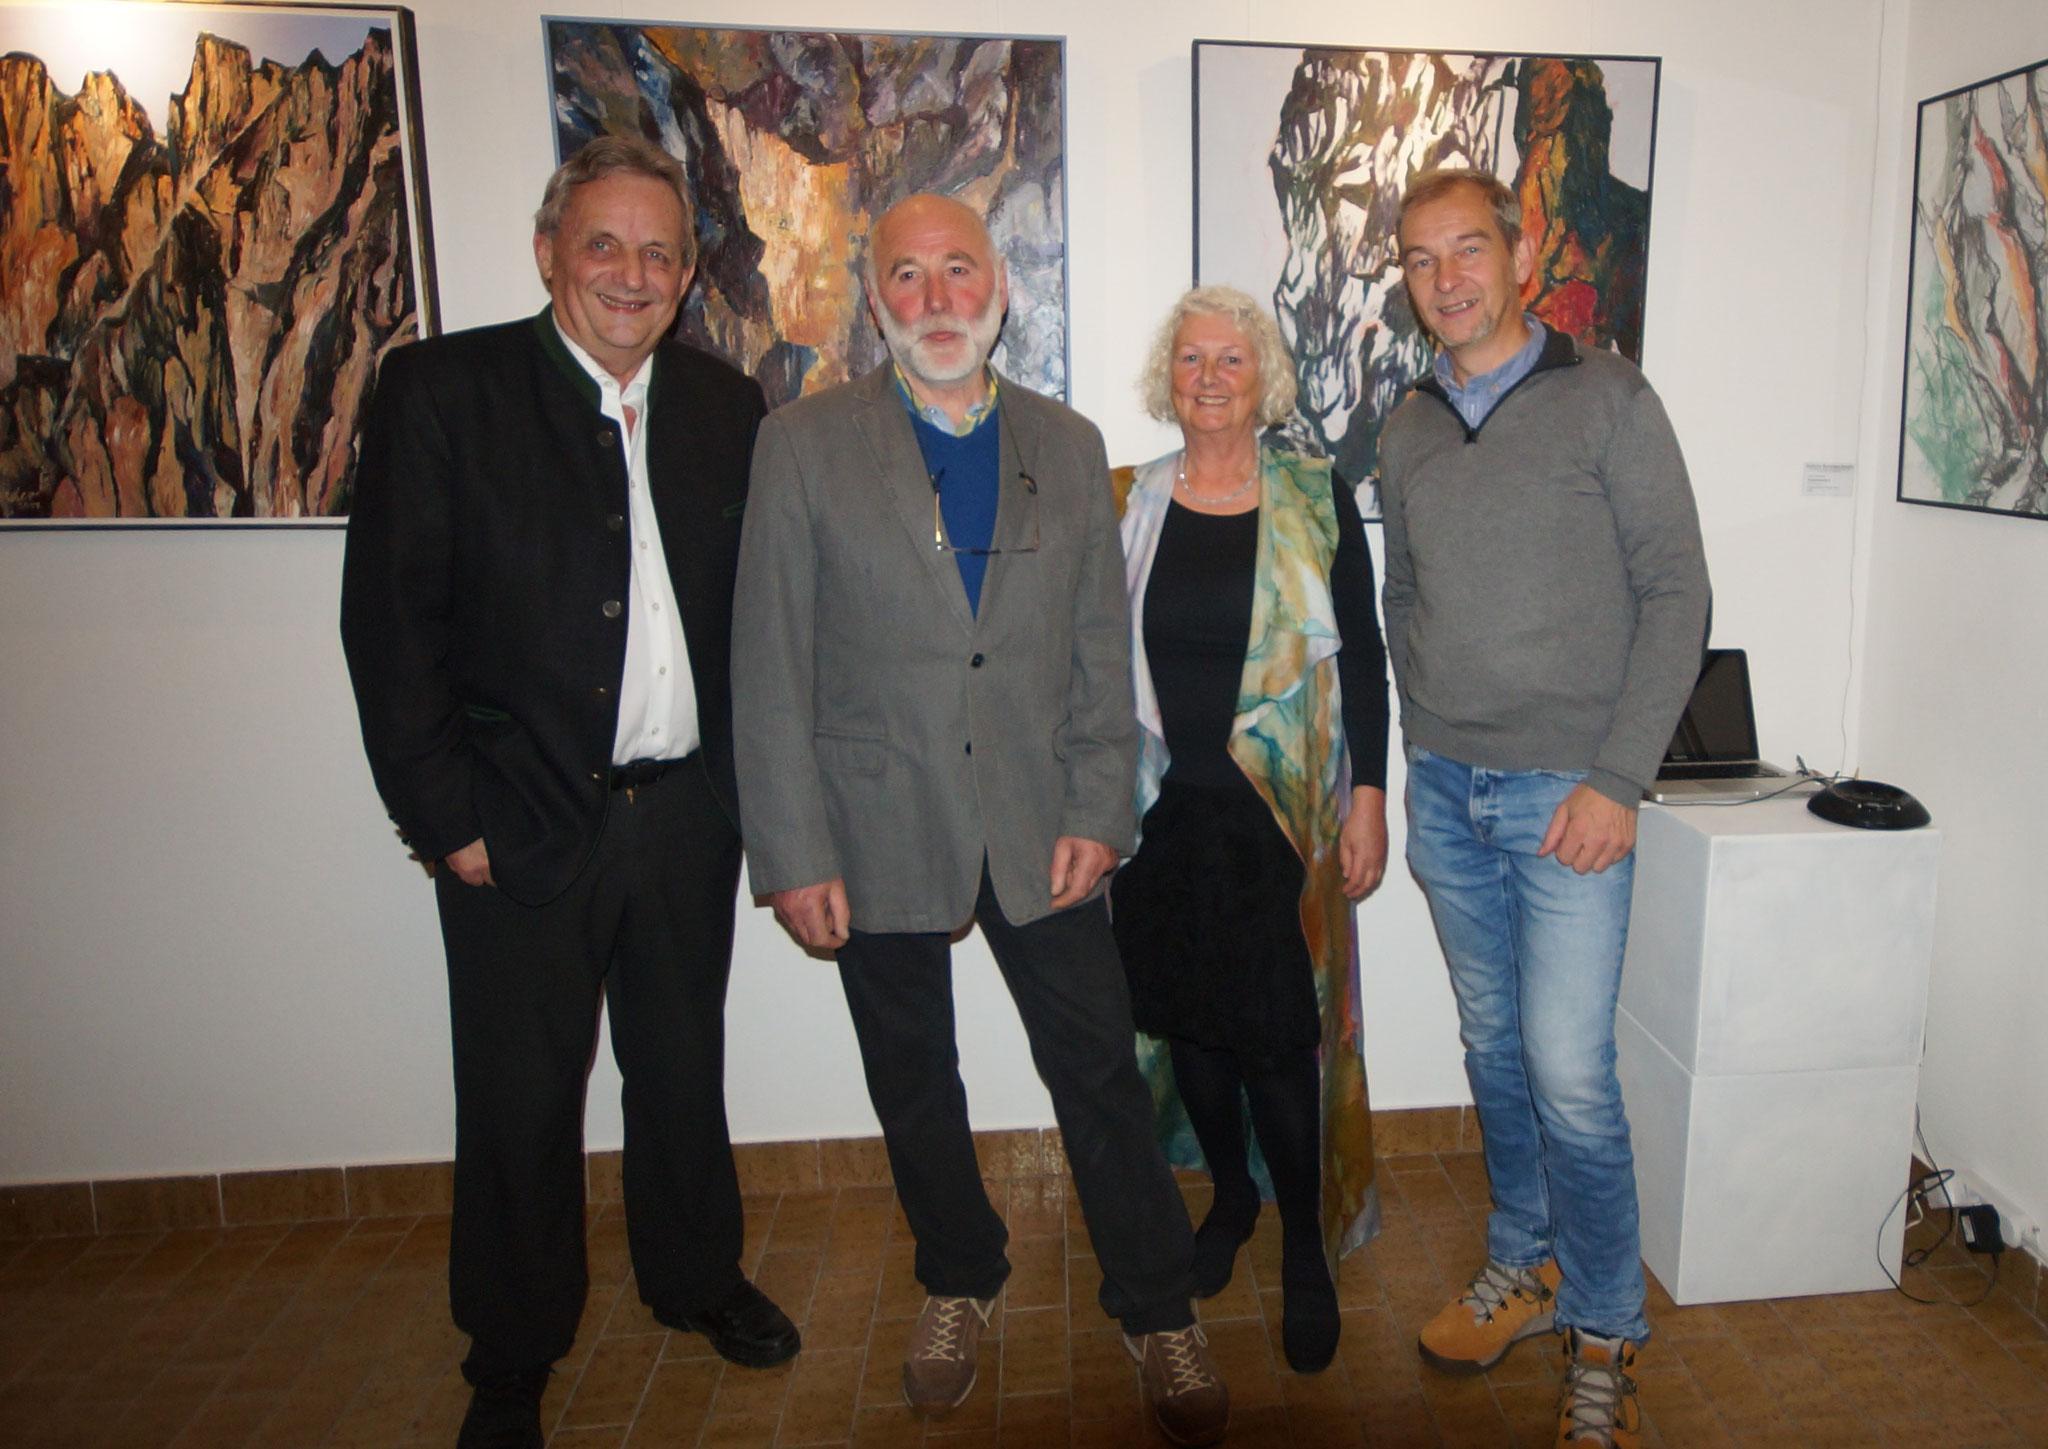 David Bullock, Georg Schreder, Roswitha Foch, Hermann Rohrmoser